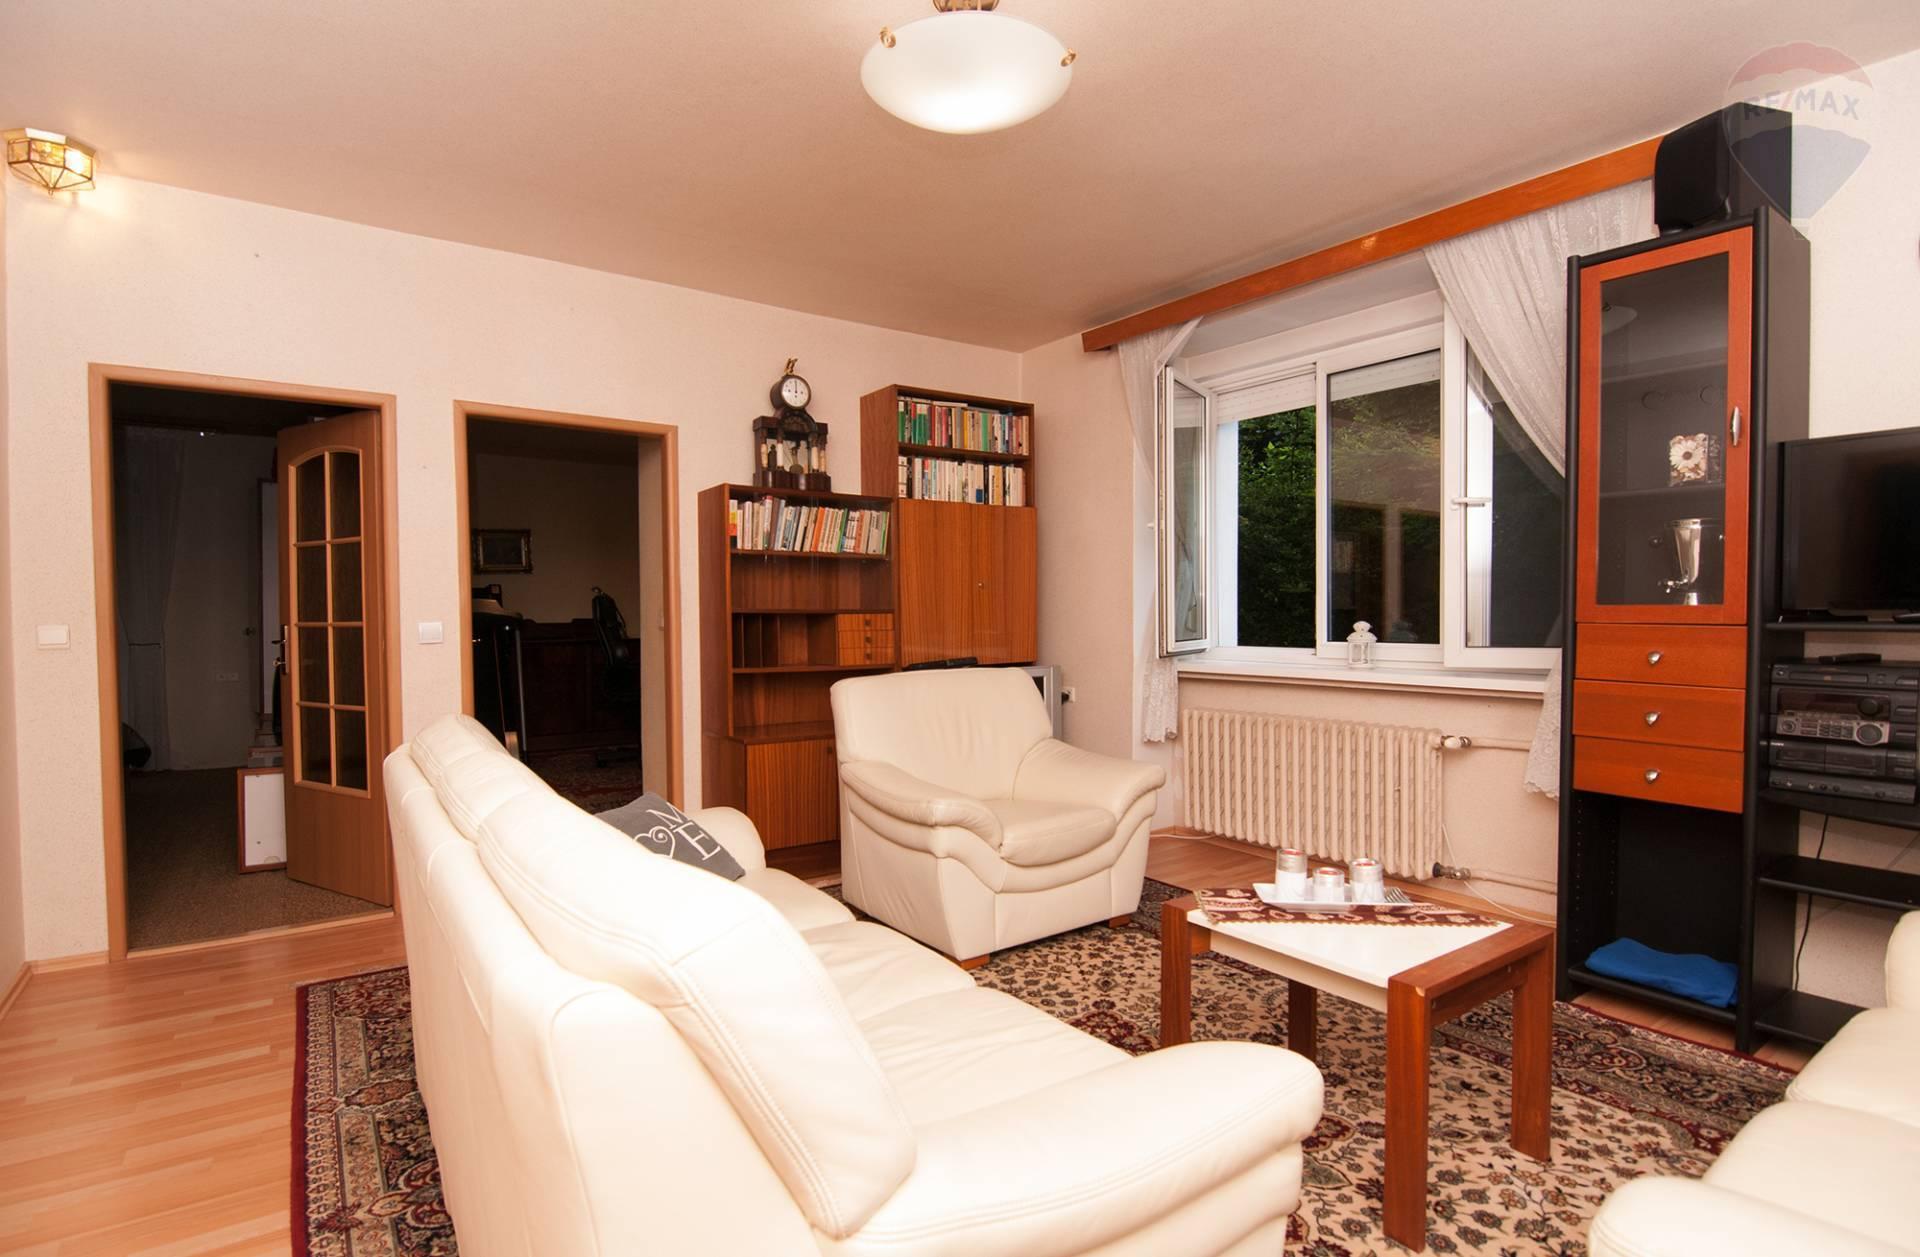 be527a55e6f80 ... Prenájom bytu (3 izbový) 68 m2, Bratislava - Staré Mesto - obývačka ...